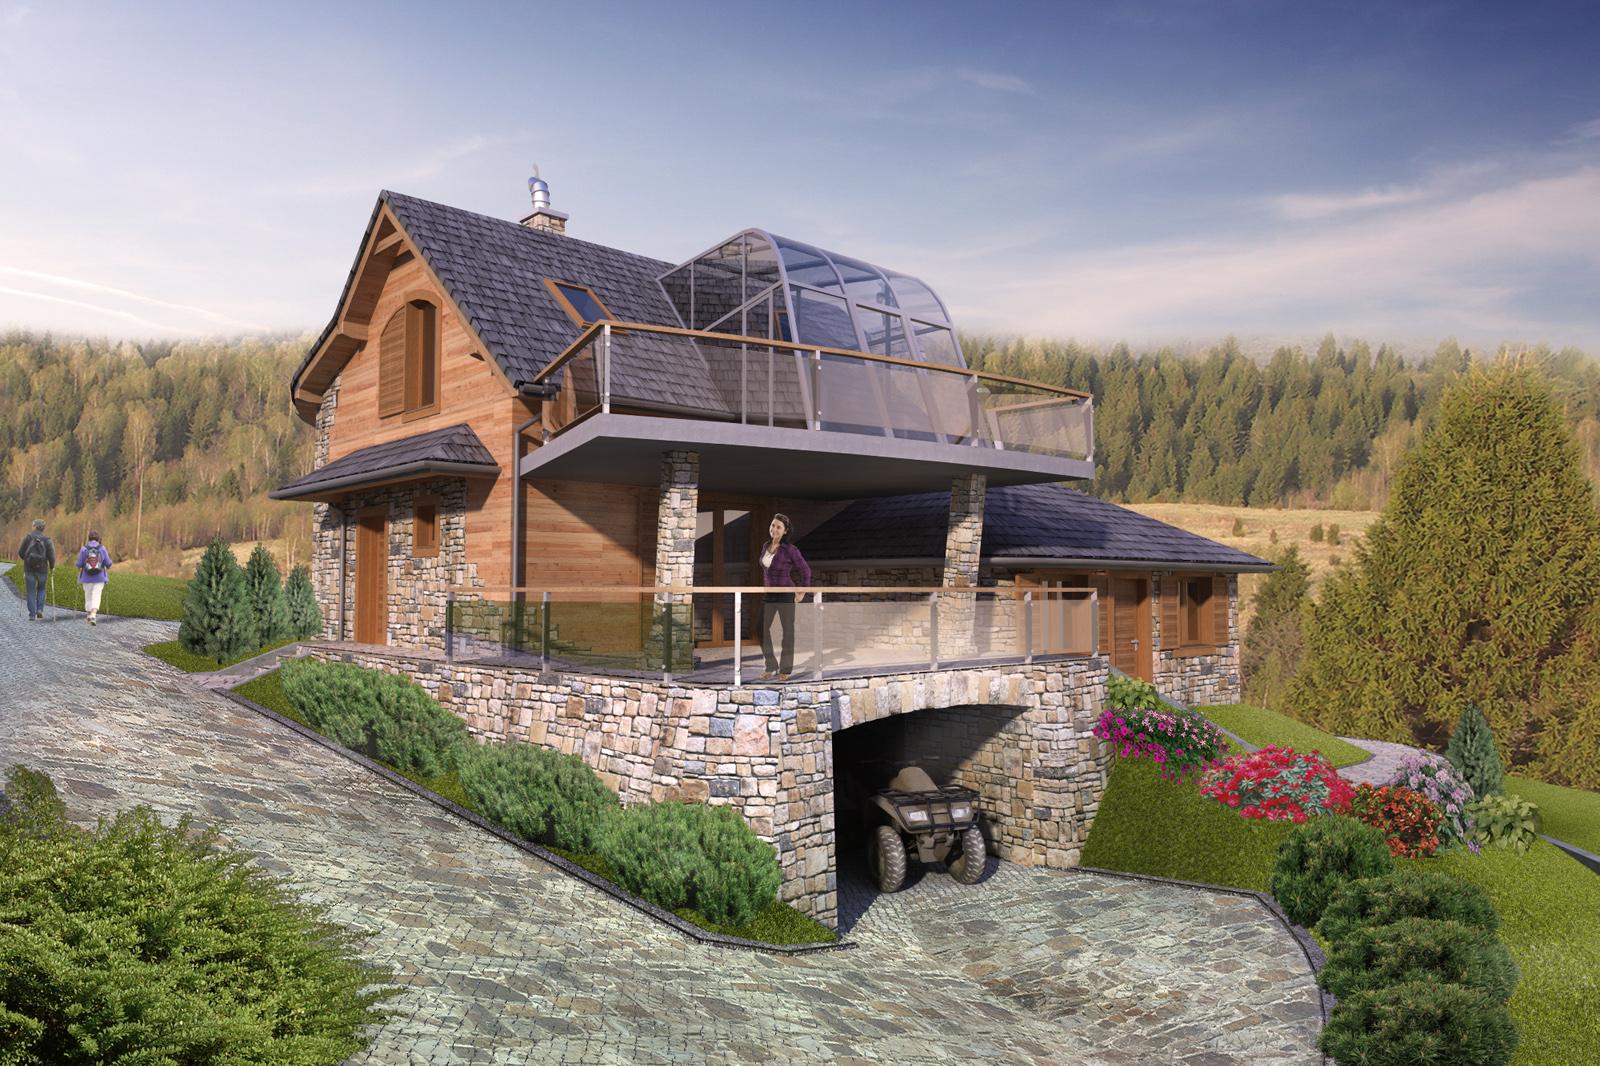 Severyn Projekt - Projekt domu mieszkalnego jednorodzinnego w Strzebowiskach